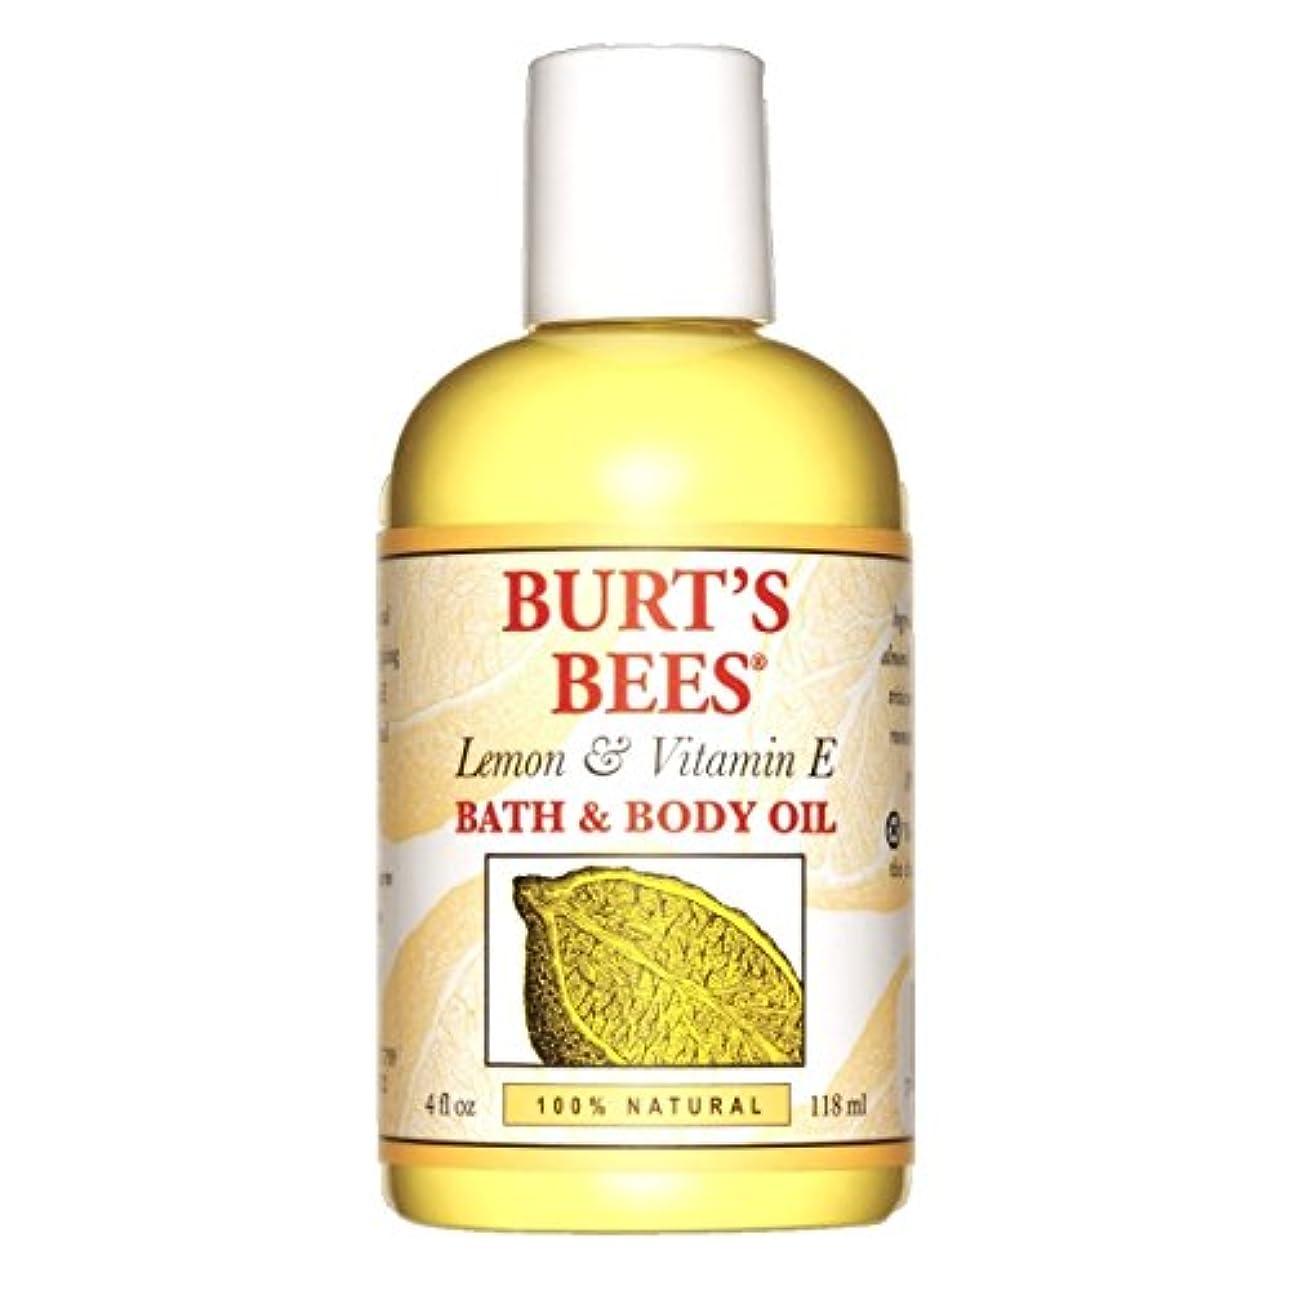 ラインナップその他高さバーツビーズ(Burt's Bees) レモン&ビタミンE バスアンドボディオイル 118ml [海外直送品][並行輸入品]